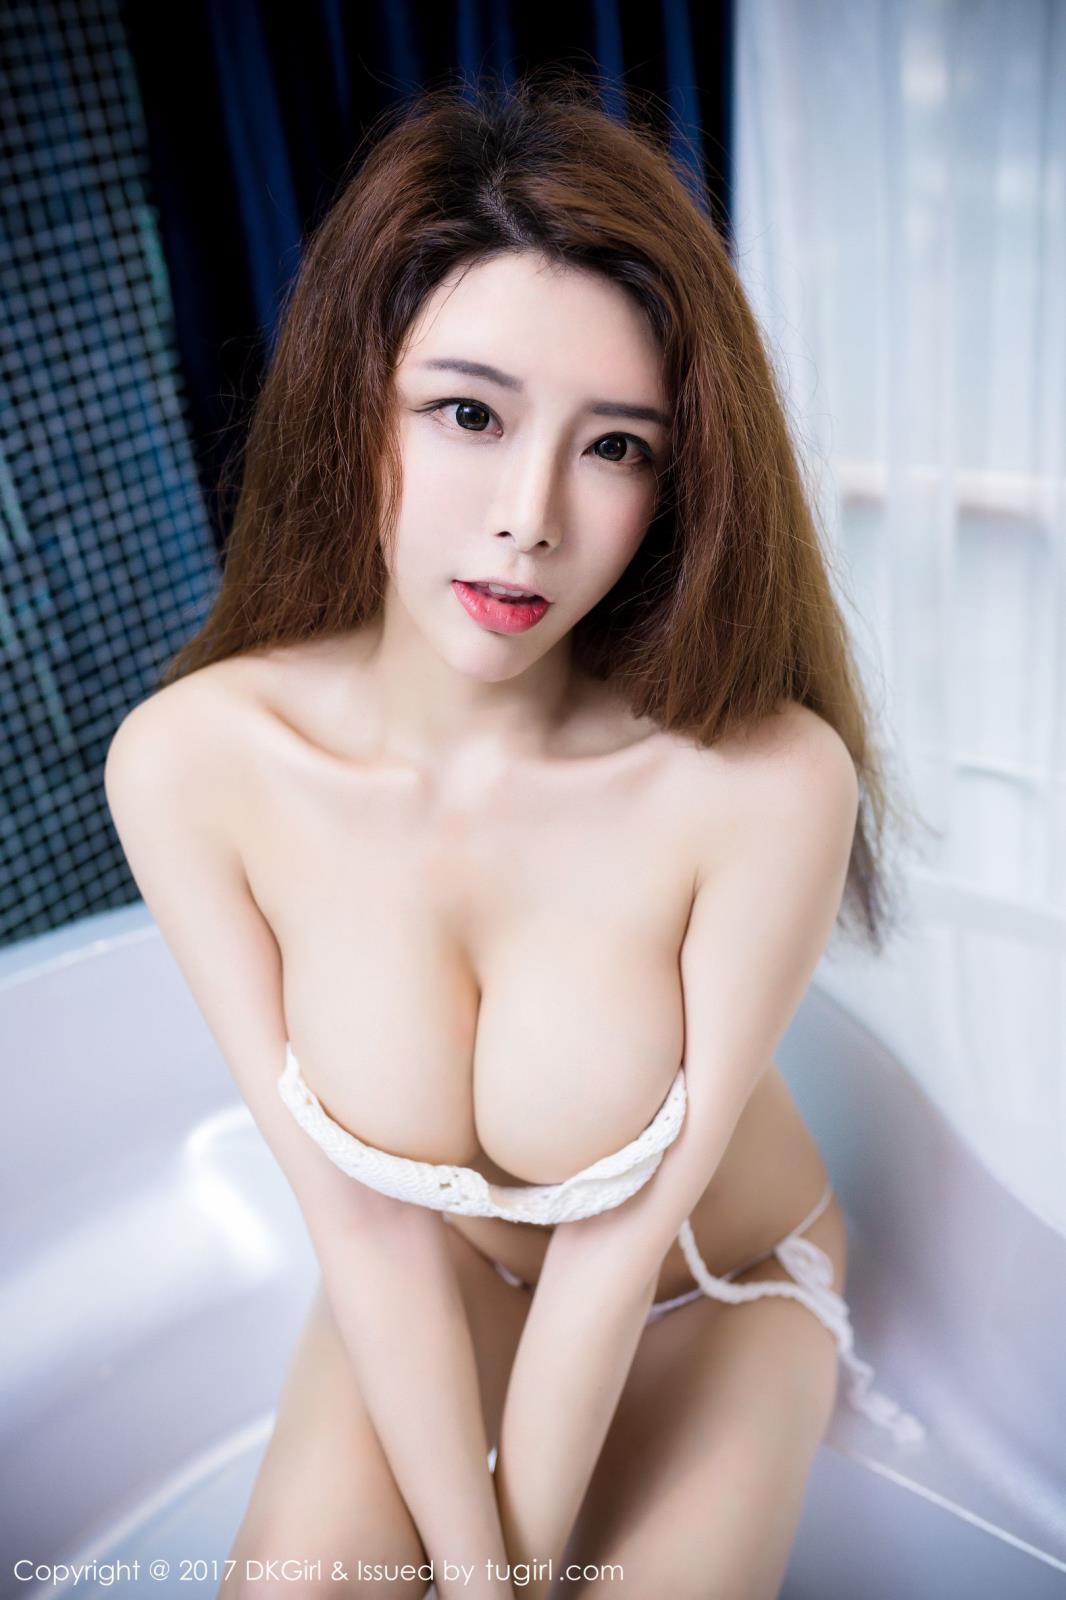 模特夏小秋秋秋黑丝美腿真空内衣巨乳诱惑写真 VOL.020 内衣mm-第2张